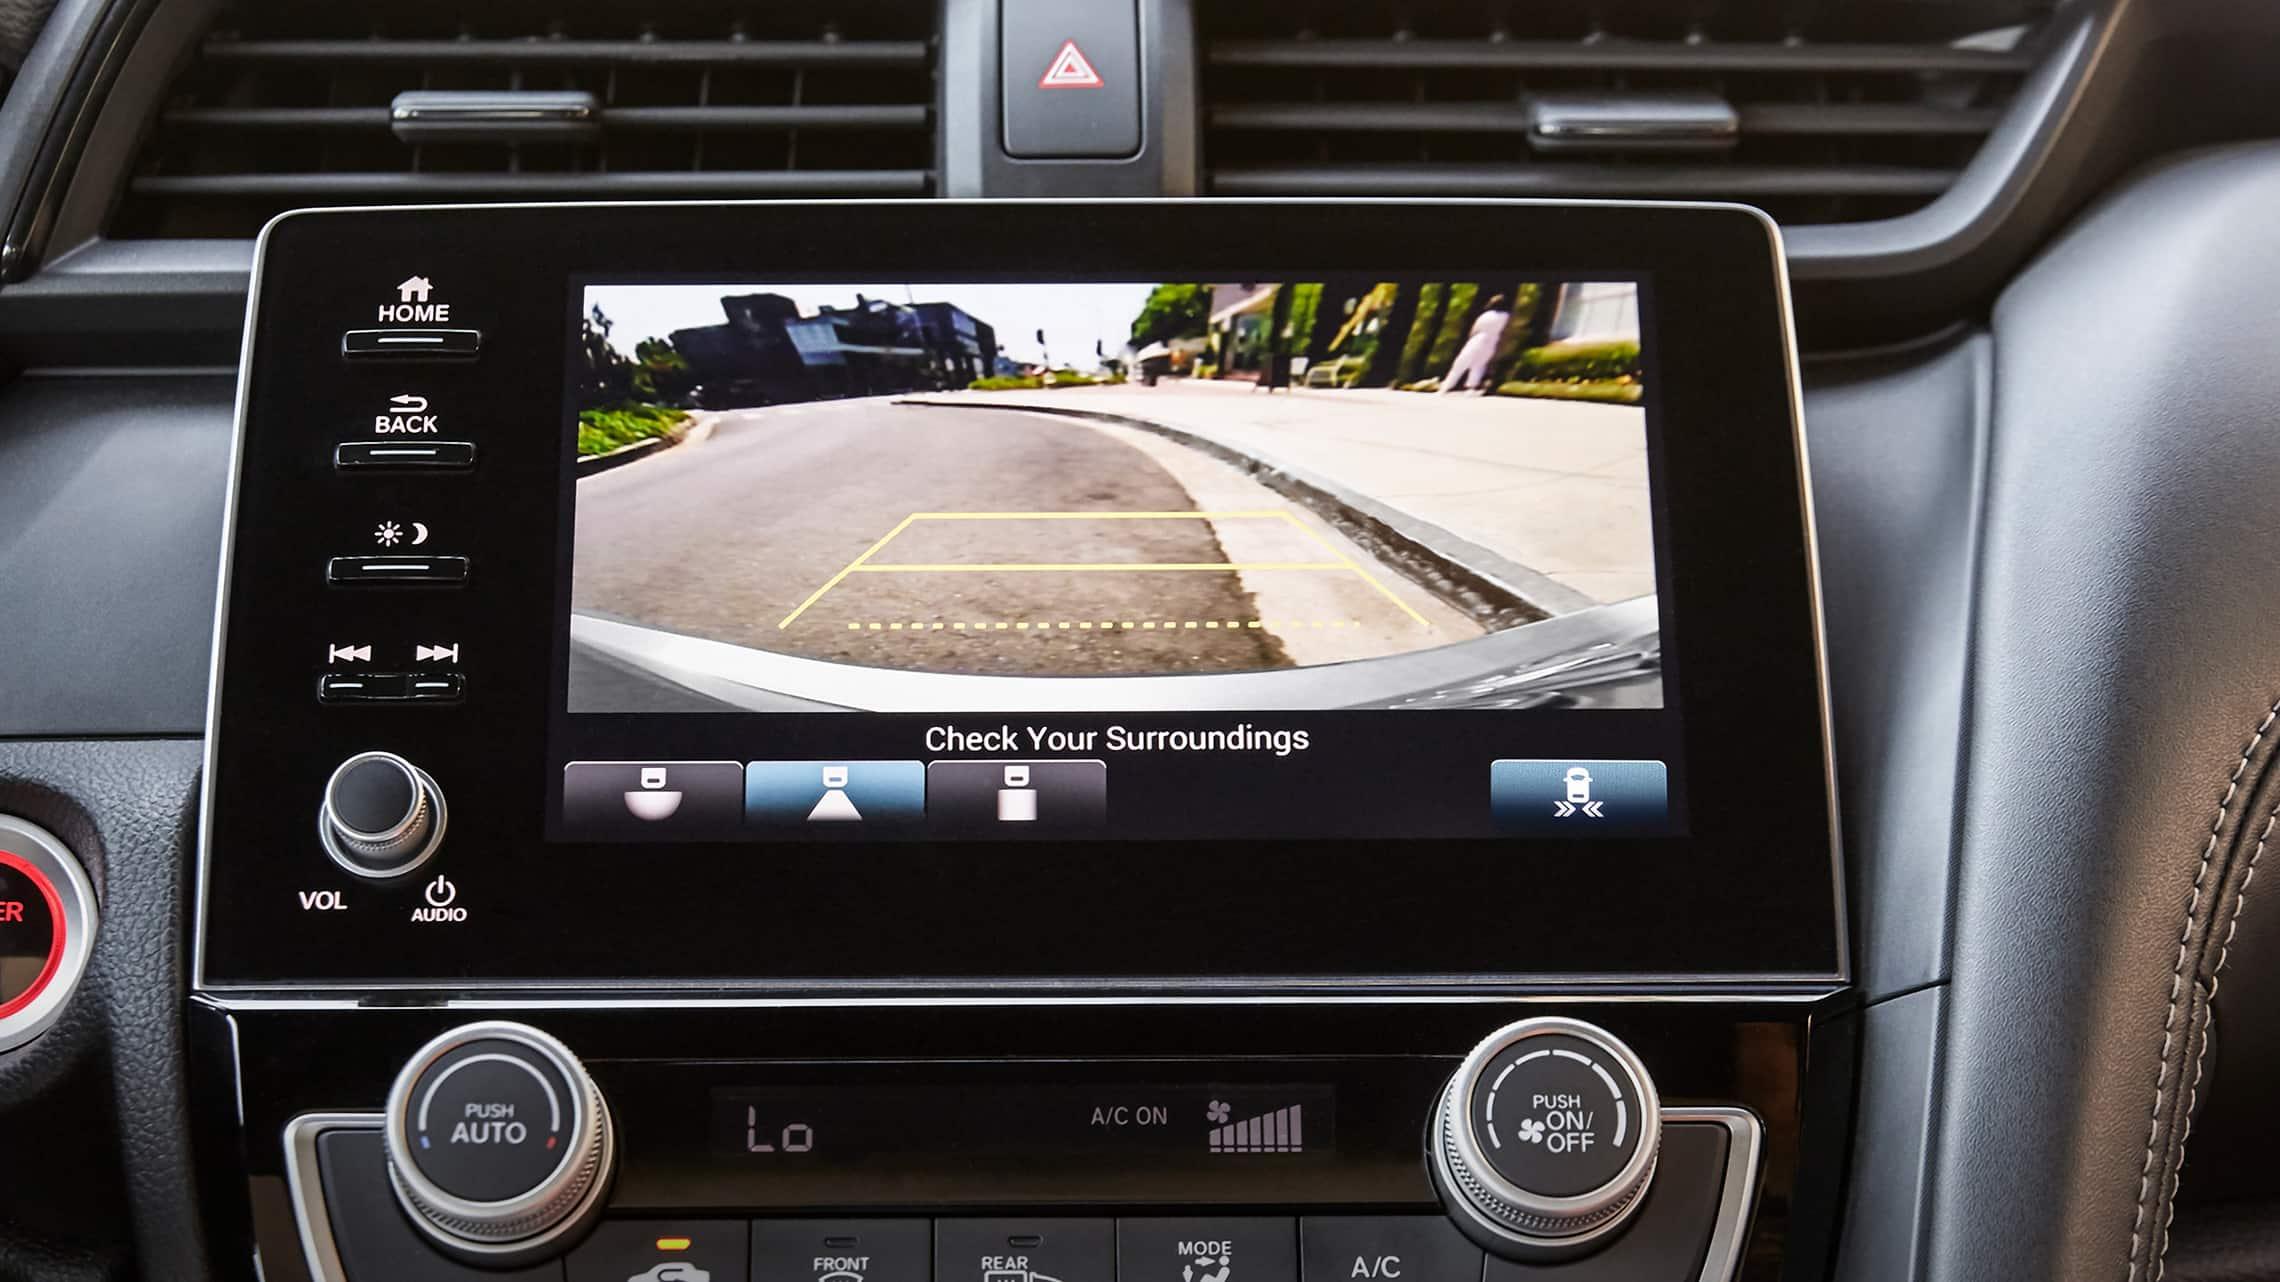 Detalle de la cámara de reversa multiángulo en el Honda Insight EX2021.